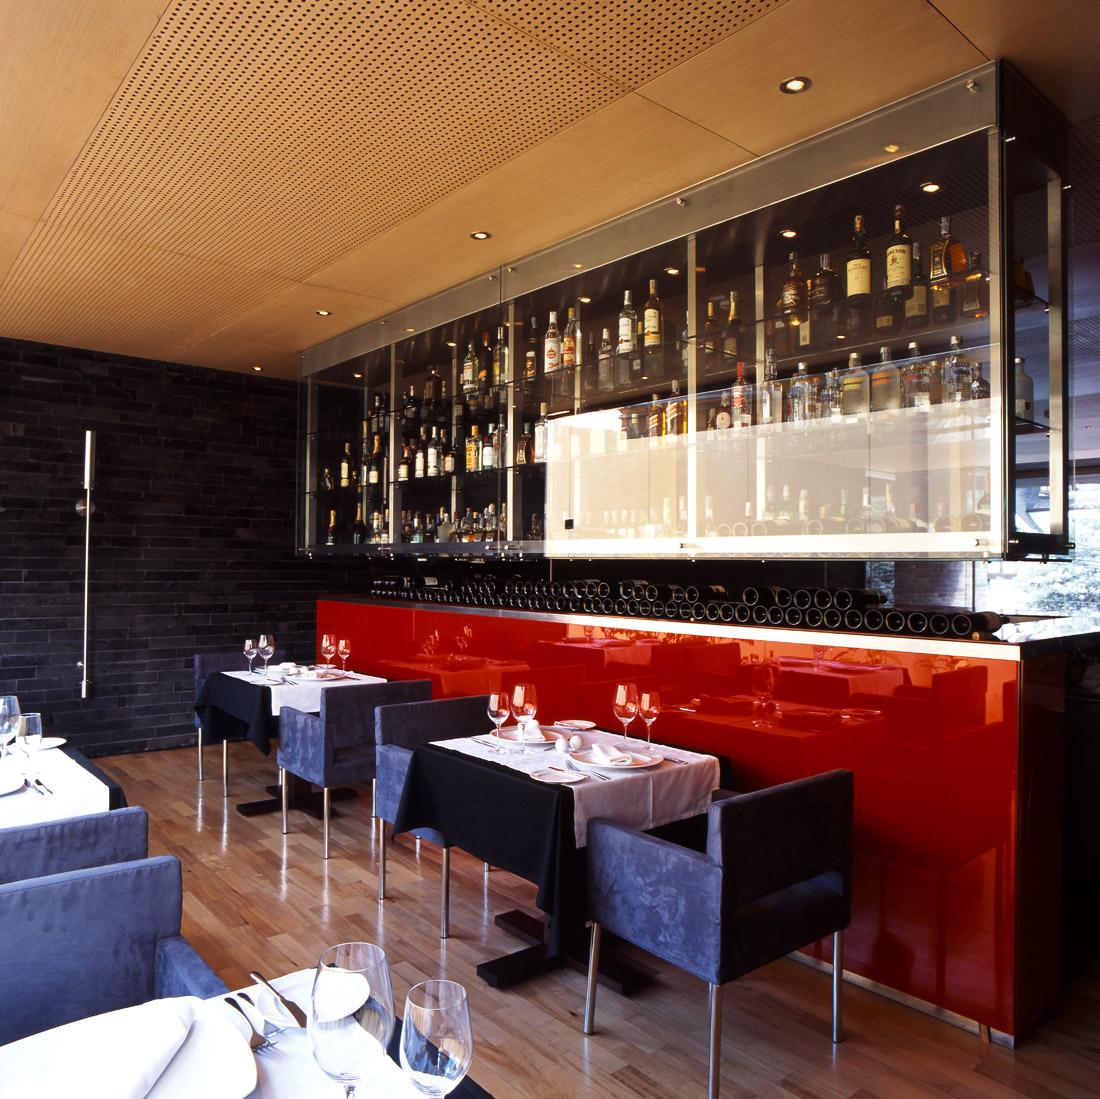 Best restaurant interior design ideas nazca peruvian for Best restaurant exterior design